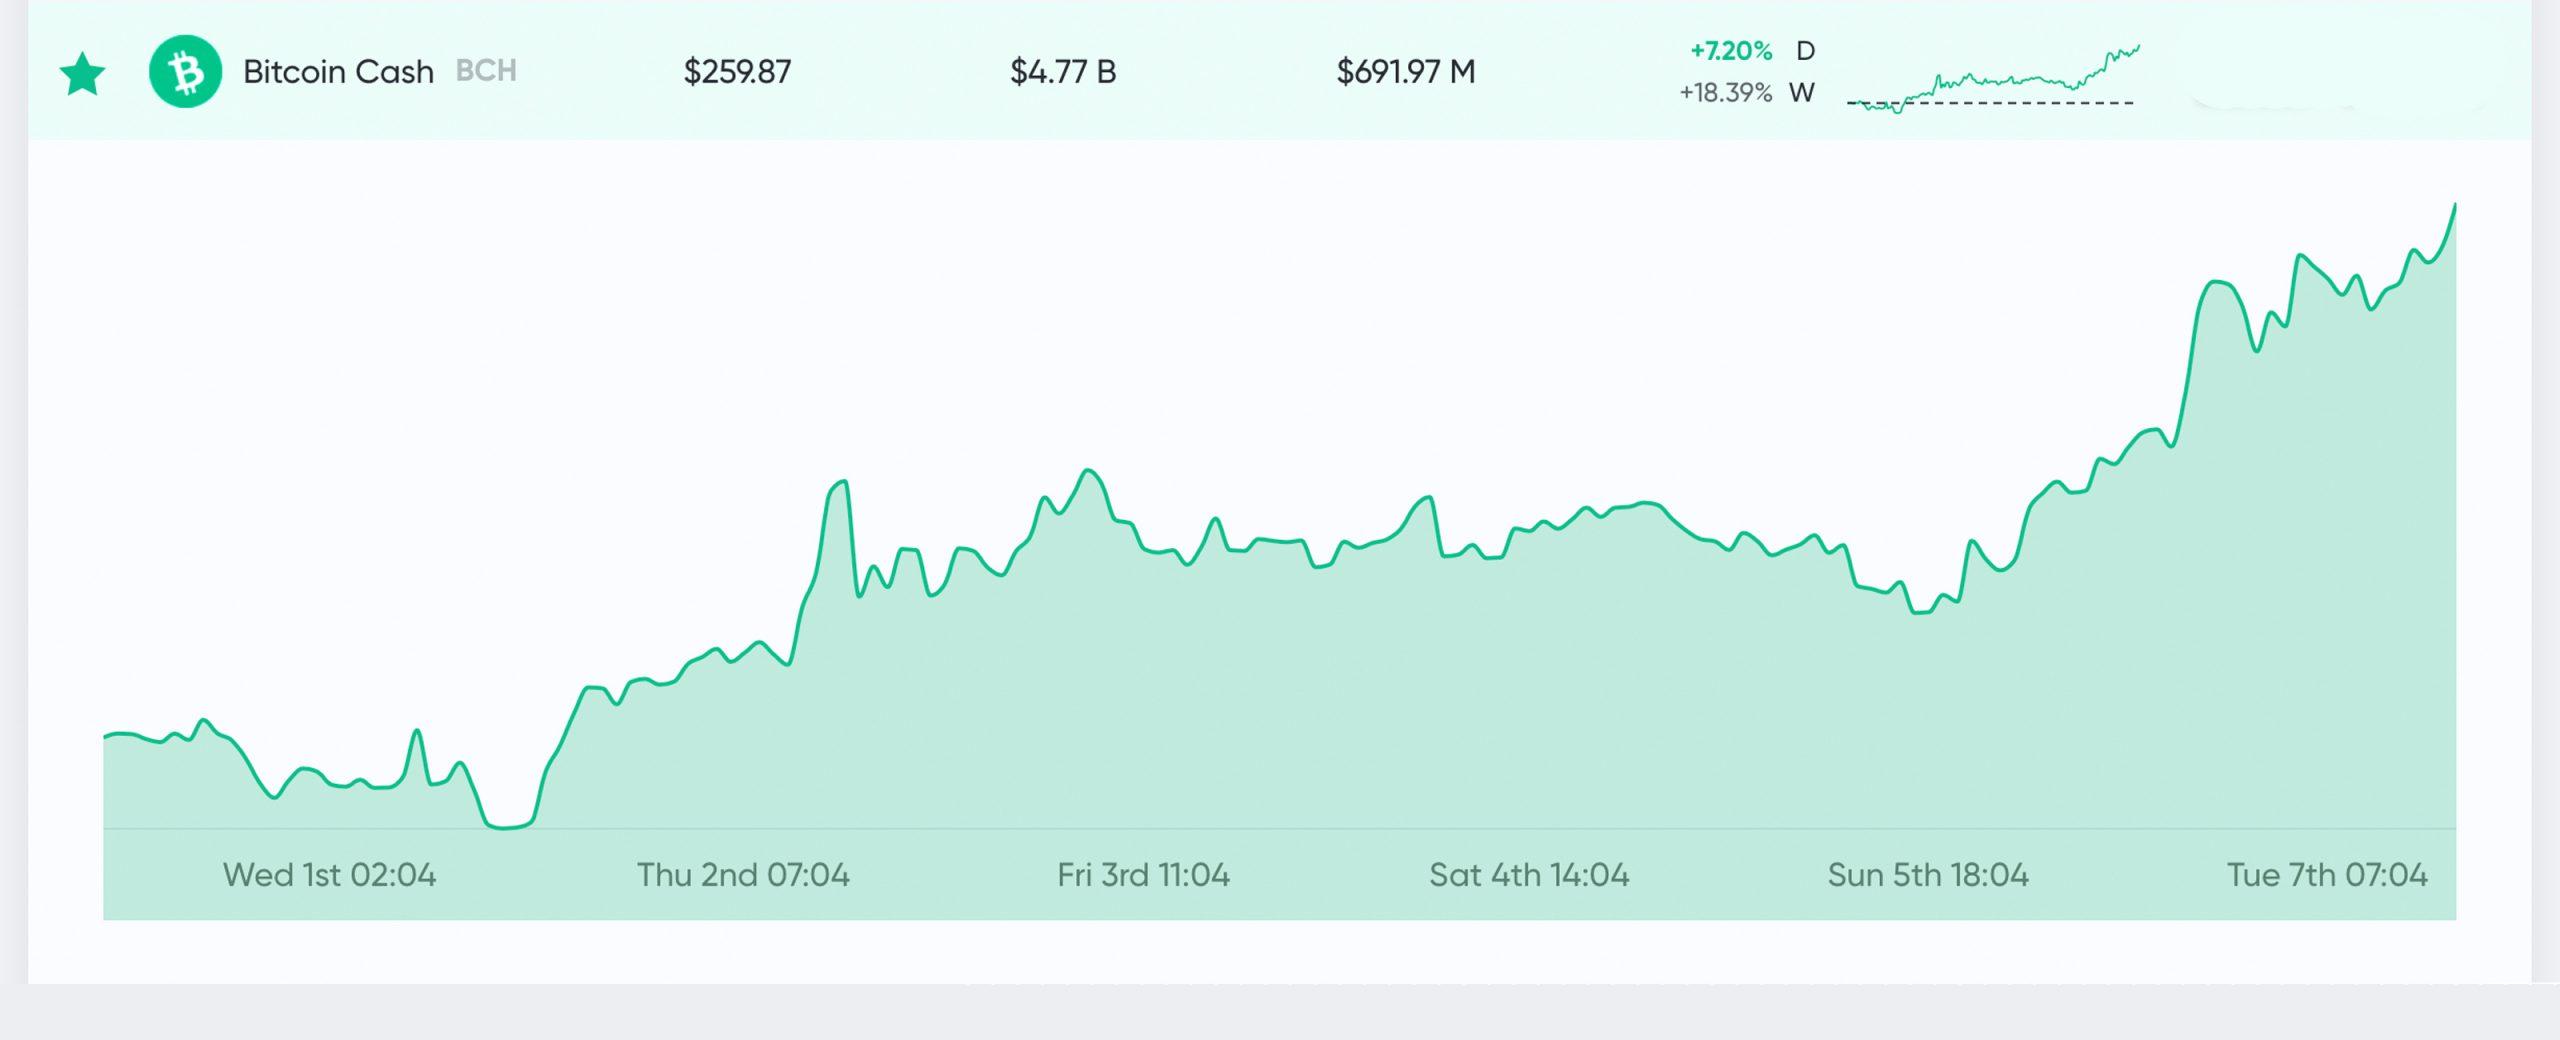 """Actualización del mercado: los comerciantes 'Buck the Trend' empujando el límite del mercado de criptomonedas Por encima de $ 200 mil millones """"width ="""" 2560 """"height ="""" 1040 """"srcset ="""" https://blackswanfinances.com/wp-content/uploads/2020/04/bchtoday777777-scaled.jpg 2560w, https: // news. bitcoin.com/wp-content/uploads/2020/04/bchtoday777777-300x122.jpg 300w, https://news.bitcoin.com/wp-content/uploads/2020/04/bchtoday777777-1024x416.jpg 1024w, https: //news.bitcoin.com/wp-content/uploads/2020/04/bchtoday777777-768x312.jpg 768w, https://news.bitcoin.com/wp-content/uploads/2020/04/bchtoday777777-1536x624.jpg 1536w, https://news.bitcoin.com/wp-content/uploads/2020/04/bchtoday777777-2048x832.jpg 2048w, https://news.bitcoin.com/wp-content/uploads/2020/04/bchtoday777777 -696x283.jpg 696w, https://news.bitcoin.com/wp-content/uploads/2020/04/bchtoday777777-1392x566.jpg 1392w, https://news.bitcoin.com/wp-cont ent / uploads / 2020/04 / bchtoday777777-1068x434.jpg 1068w, https://news.bitcoin.com/wp-content/uploads/2020/04/bchtoday777777-1034x420.jpg 1034w, https: //news.bitcoin. com / wp-content / uploads / 2020/04 / bchtoday777777-1920x780.jpg 1920w """"tamaños ="""" (ancho máximo: 2560px) 100vw, 2560px"""